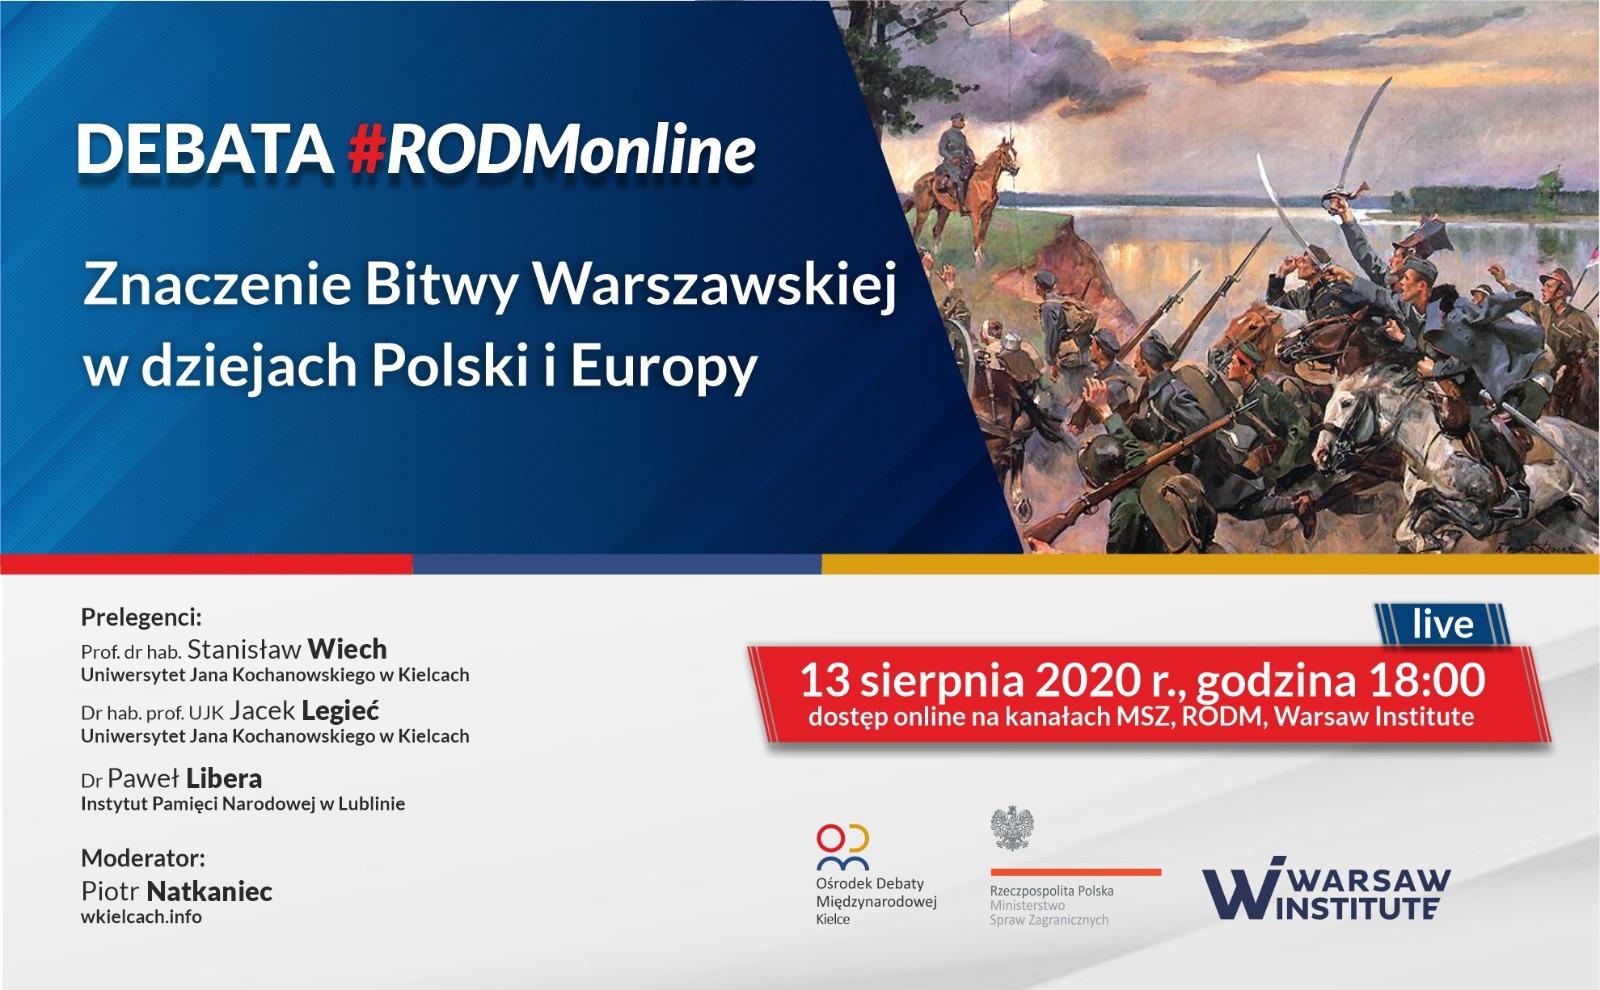 Znaczenie Bitwy Warszawskiej w dziejach Polski i Europy